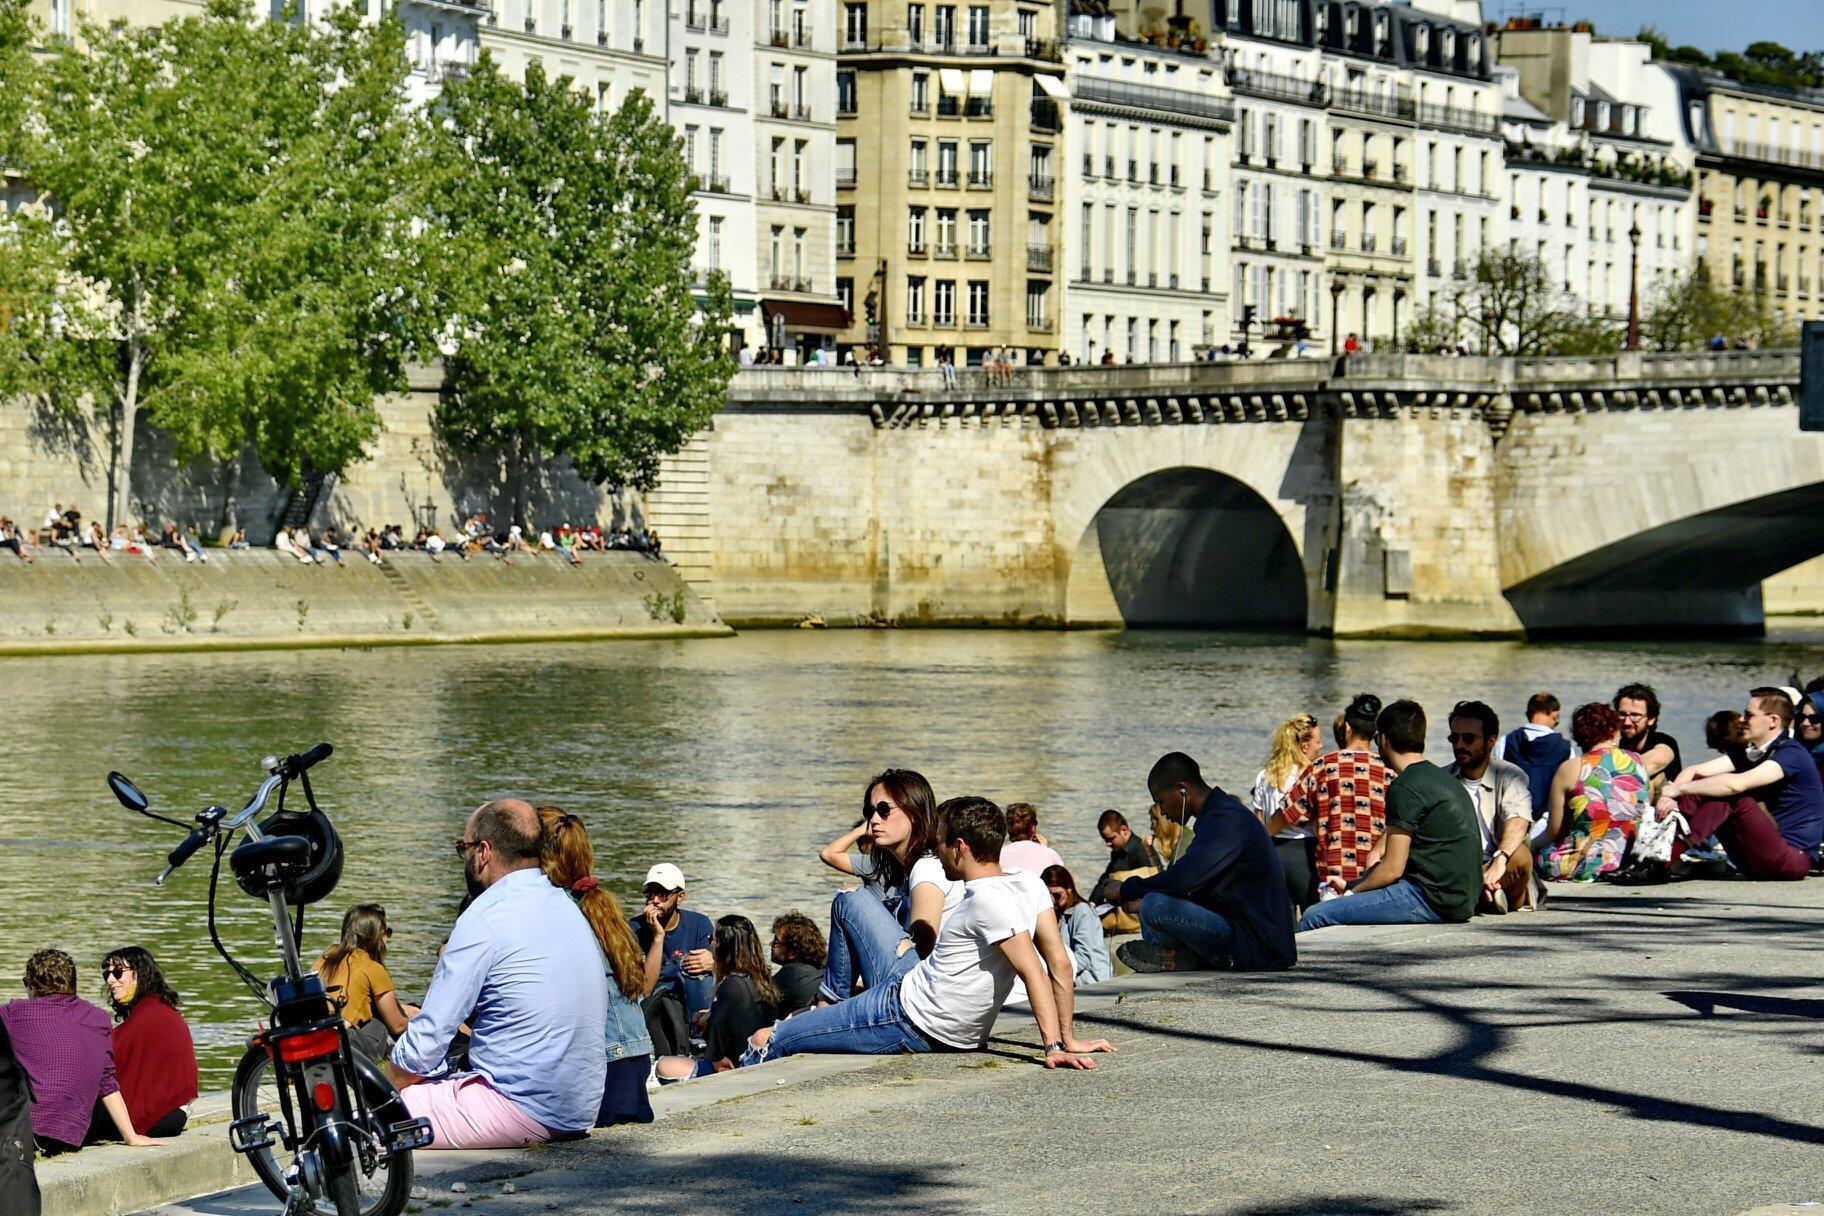 تخفيف إجراءات الحجر في فرنسا